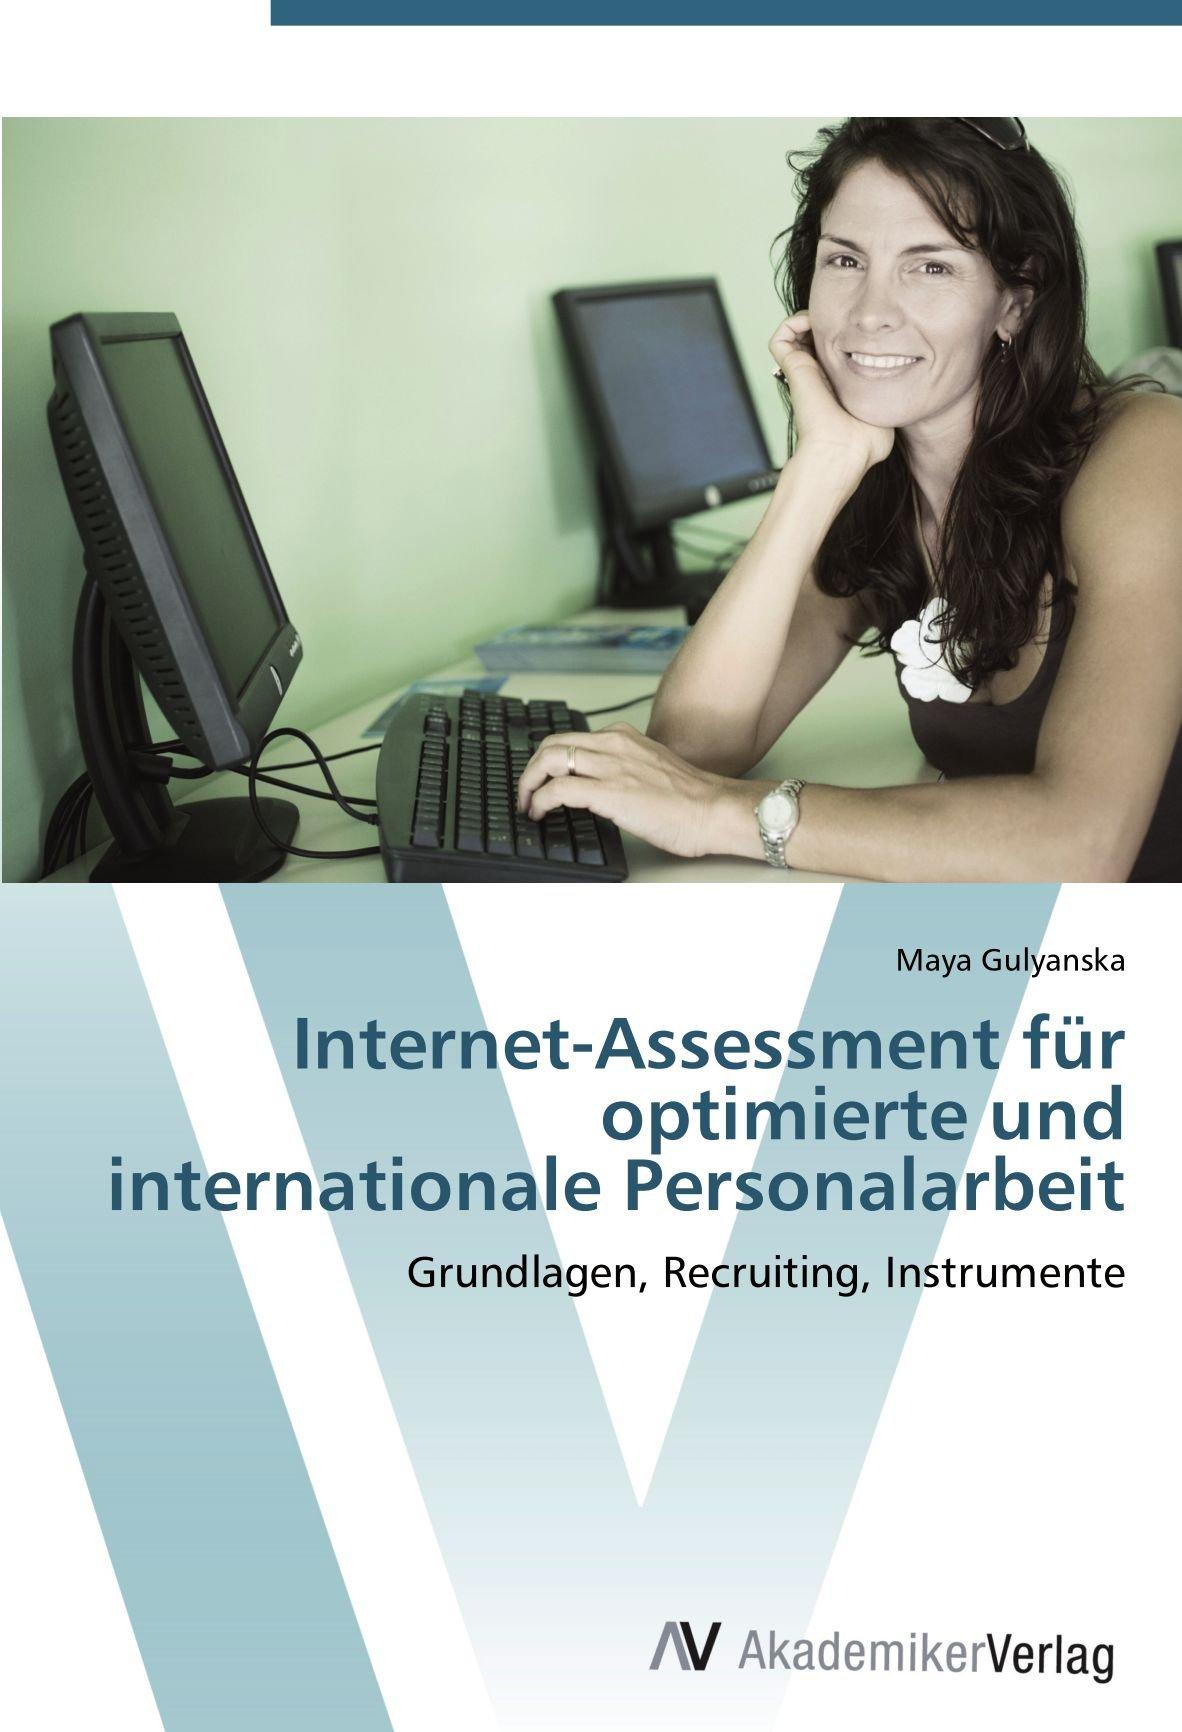 Internet-Assessment für optimierte und internationale Personalarbeit: Grundlagen, Recruiting, Instrumente